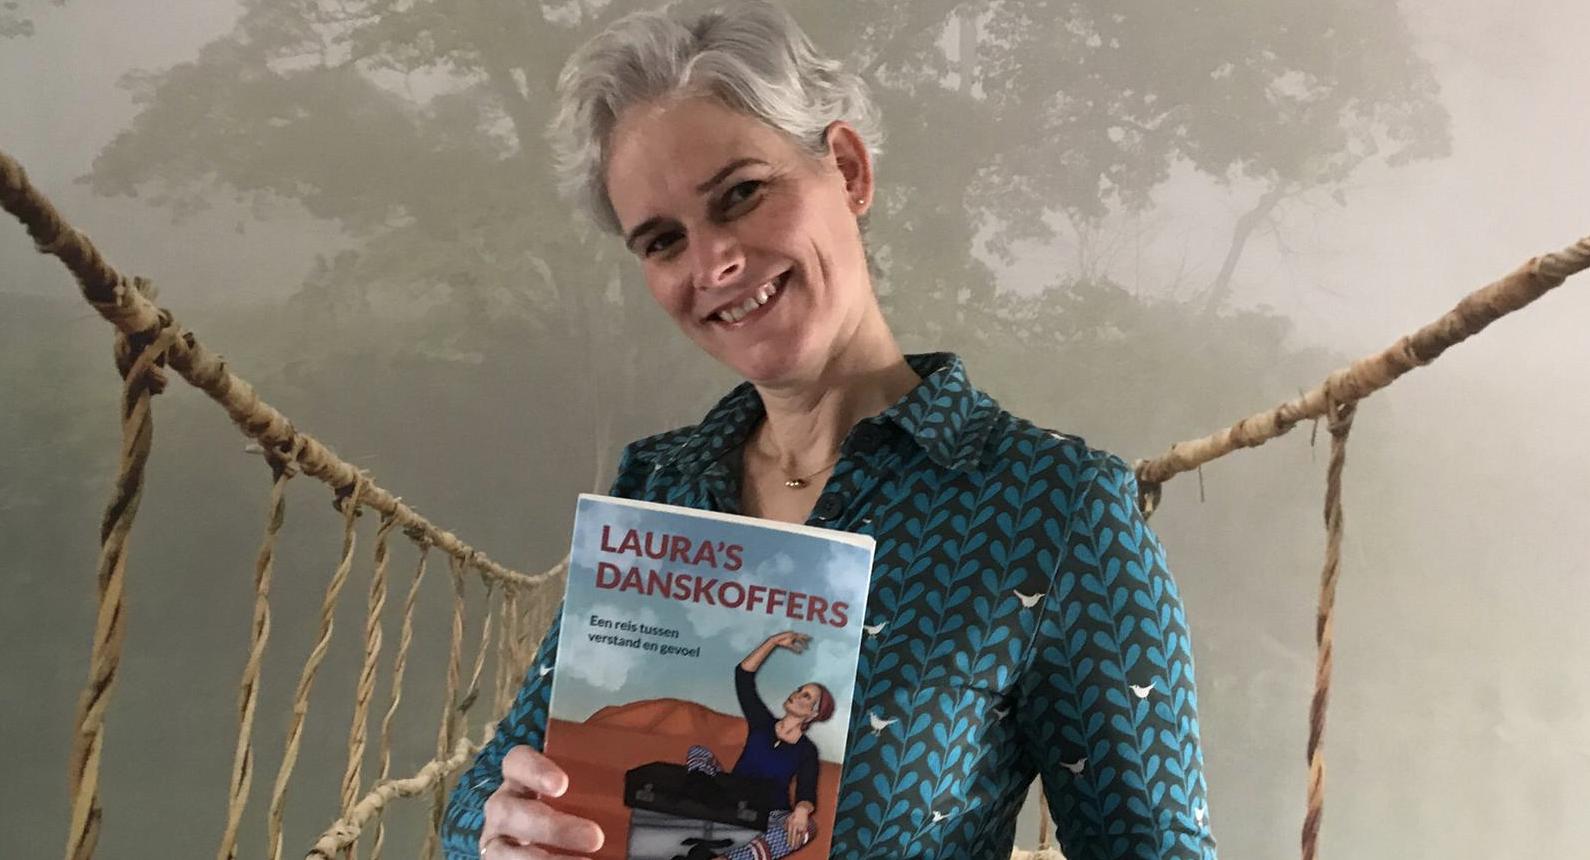 Laura Potters over emoties van een auteur